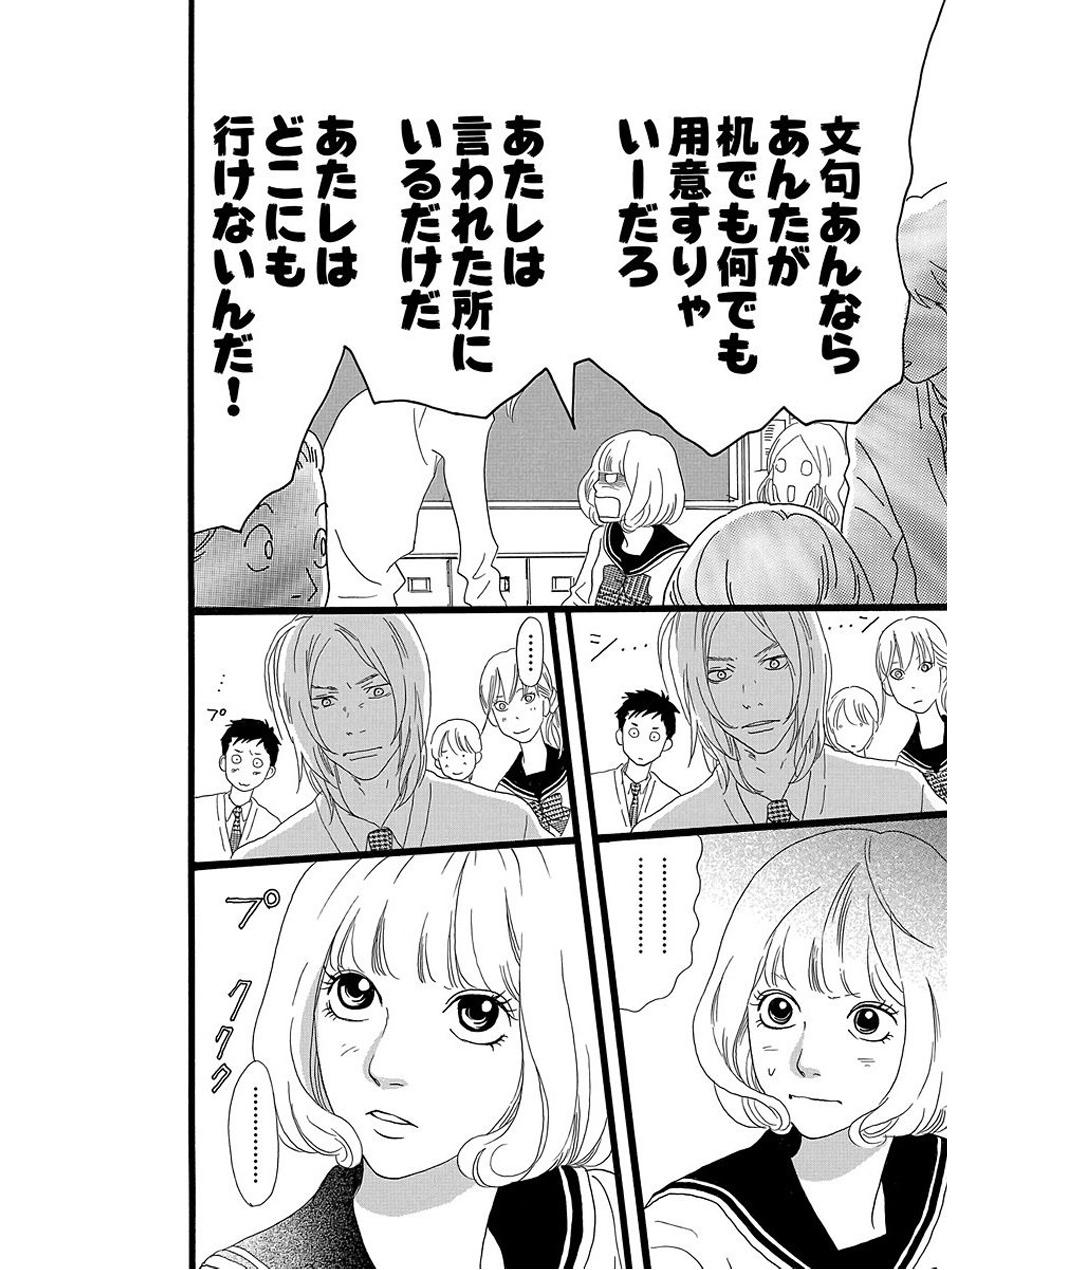 プリンシパル 第1話 試し読み_1_1-16